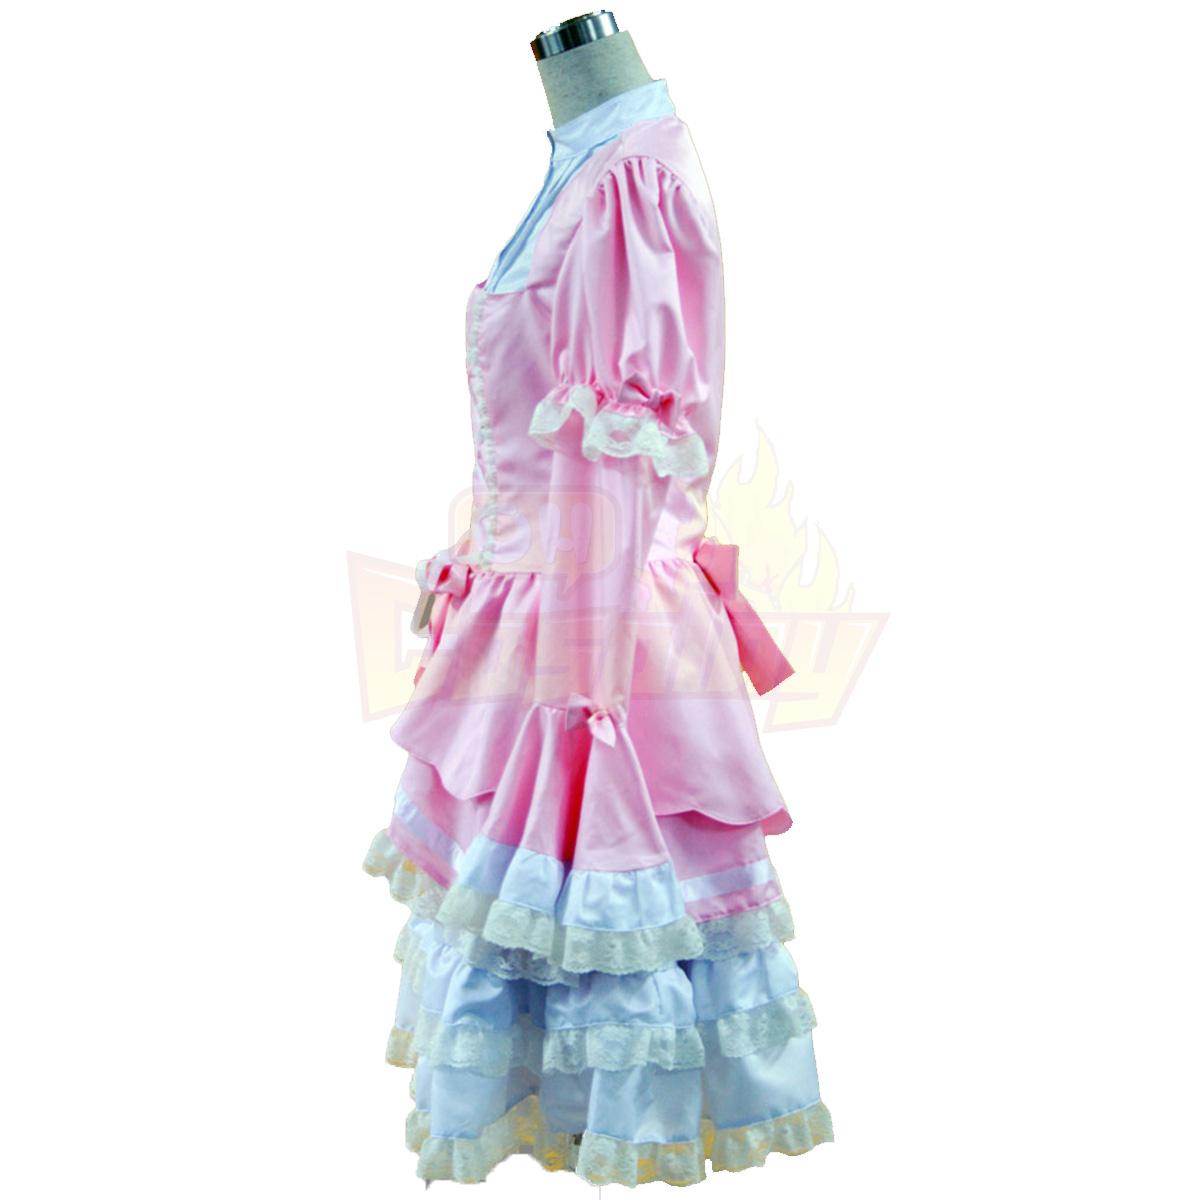 ديلوكس لوليتا الثقافة الوردي والأبيض أكمام فساتين قصيرة كوزبلاي